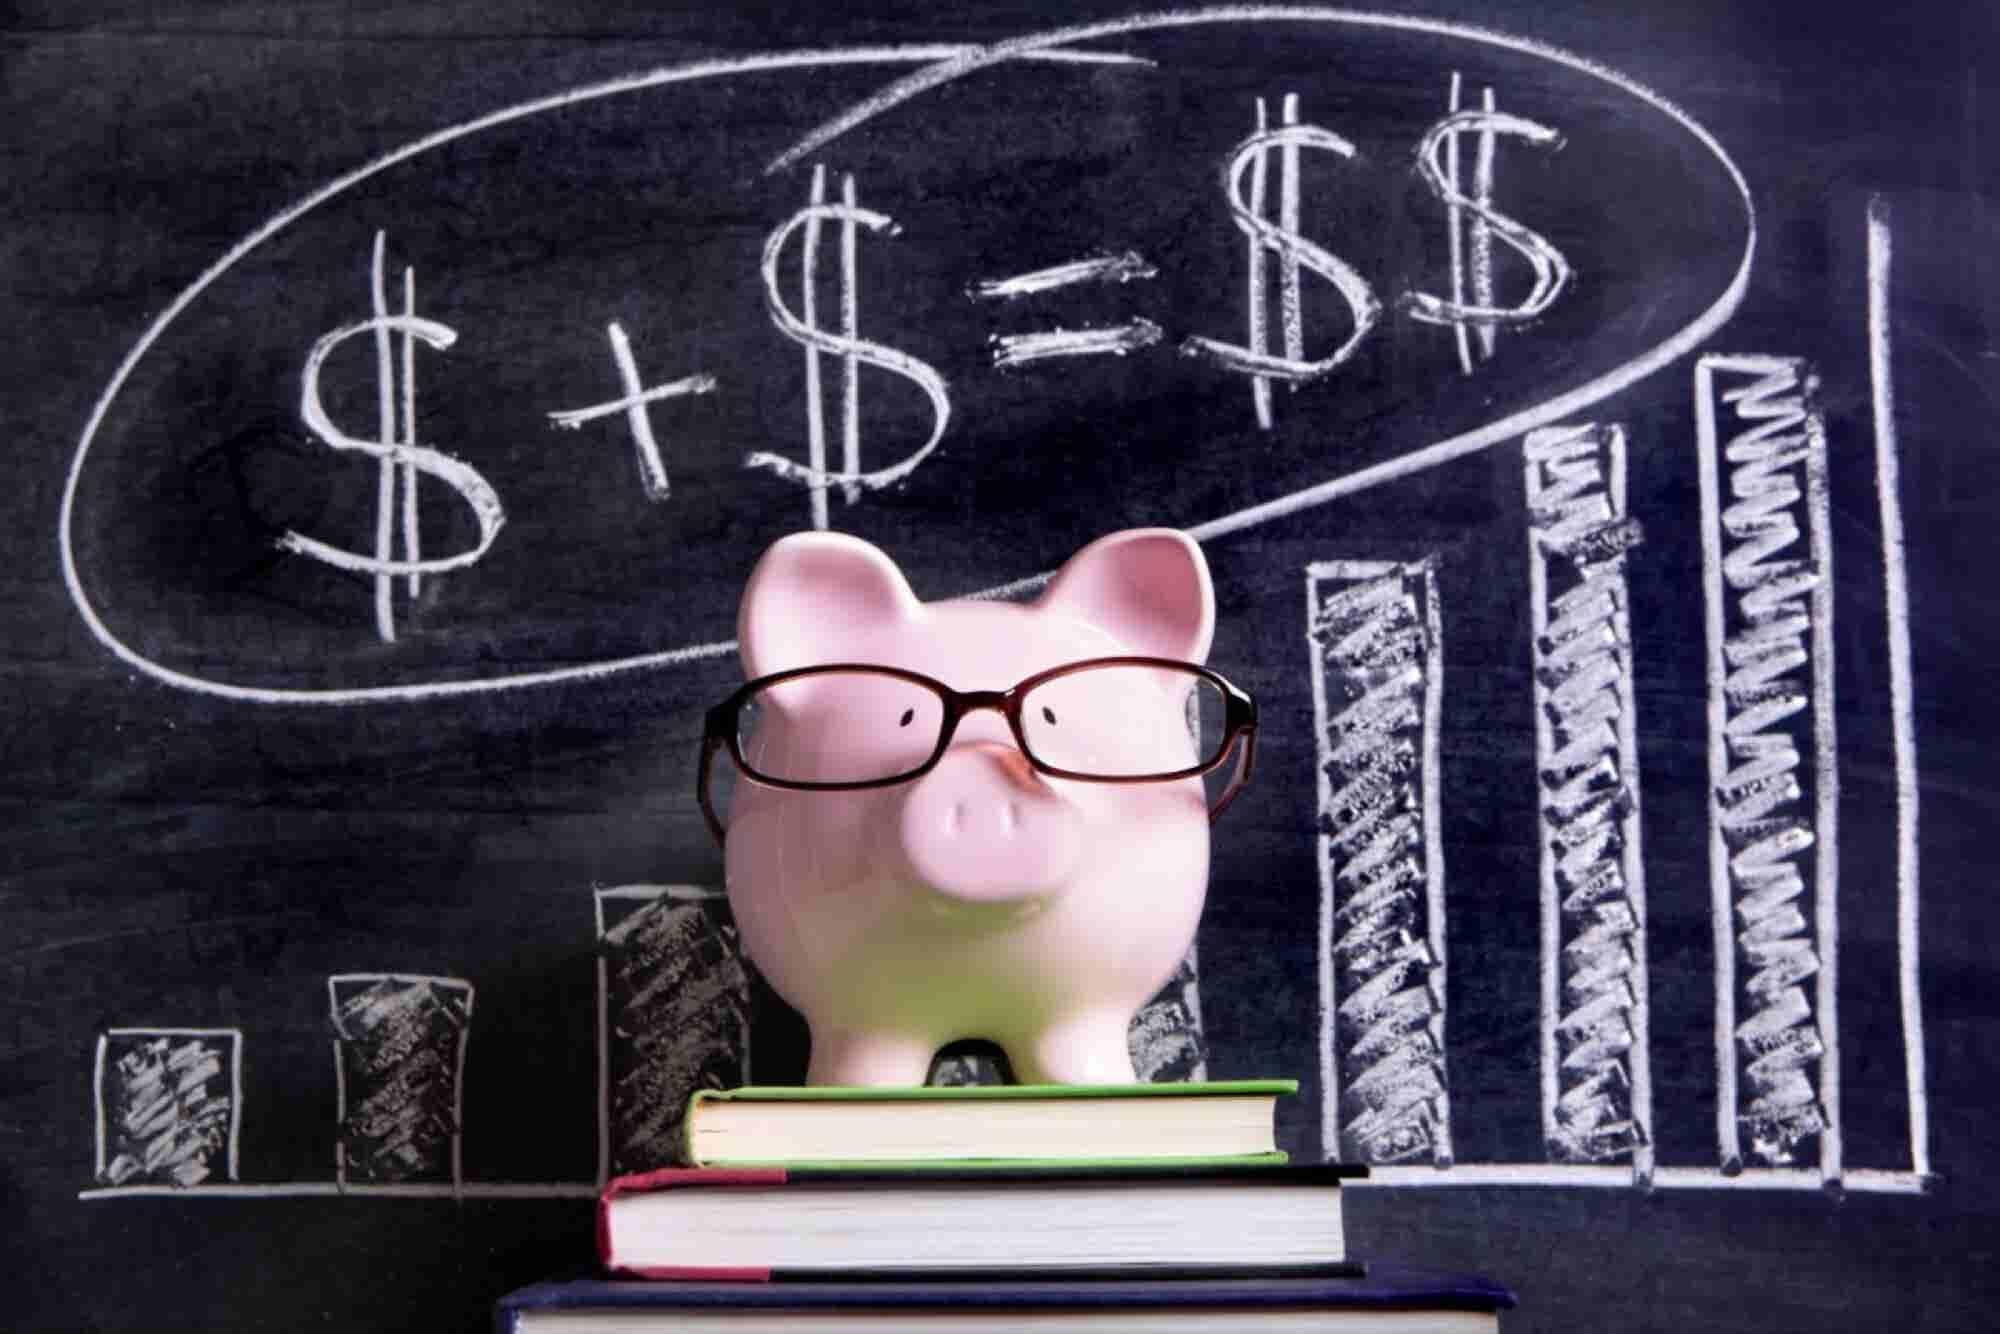 Estas 8 ideas te ayudarán a tener un 'dinerito extra'